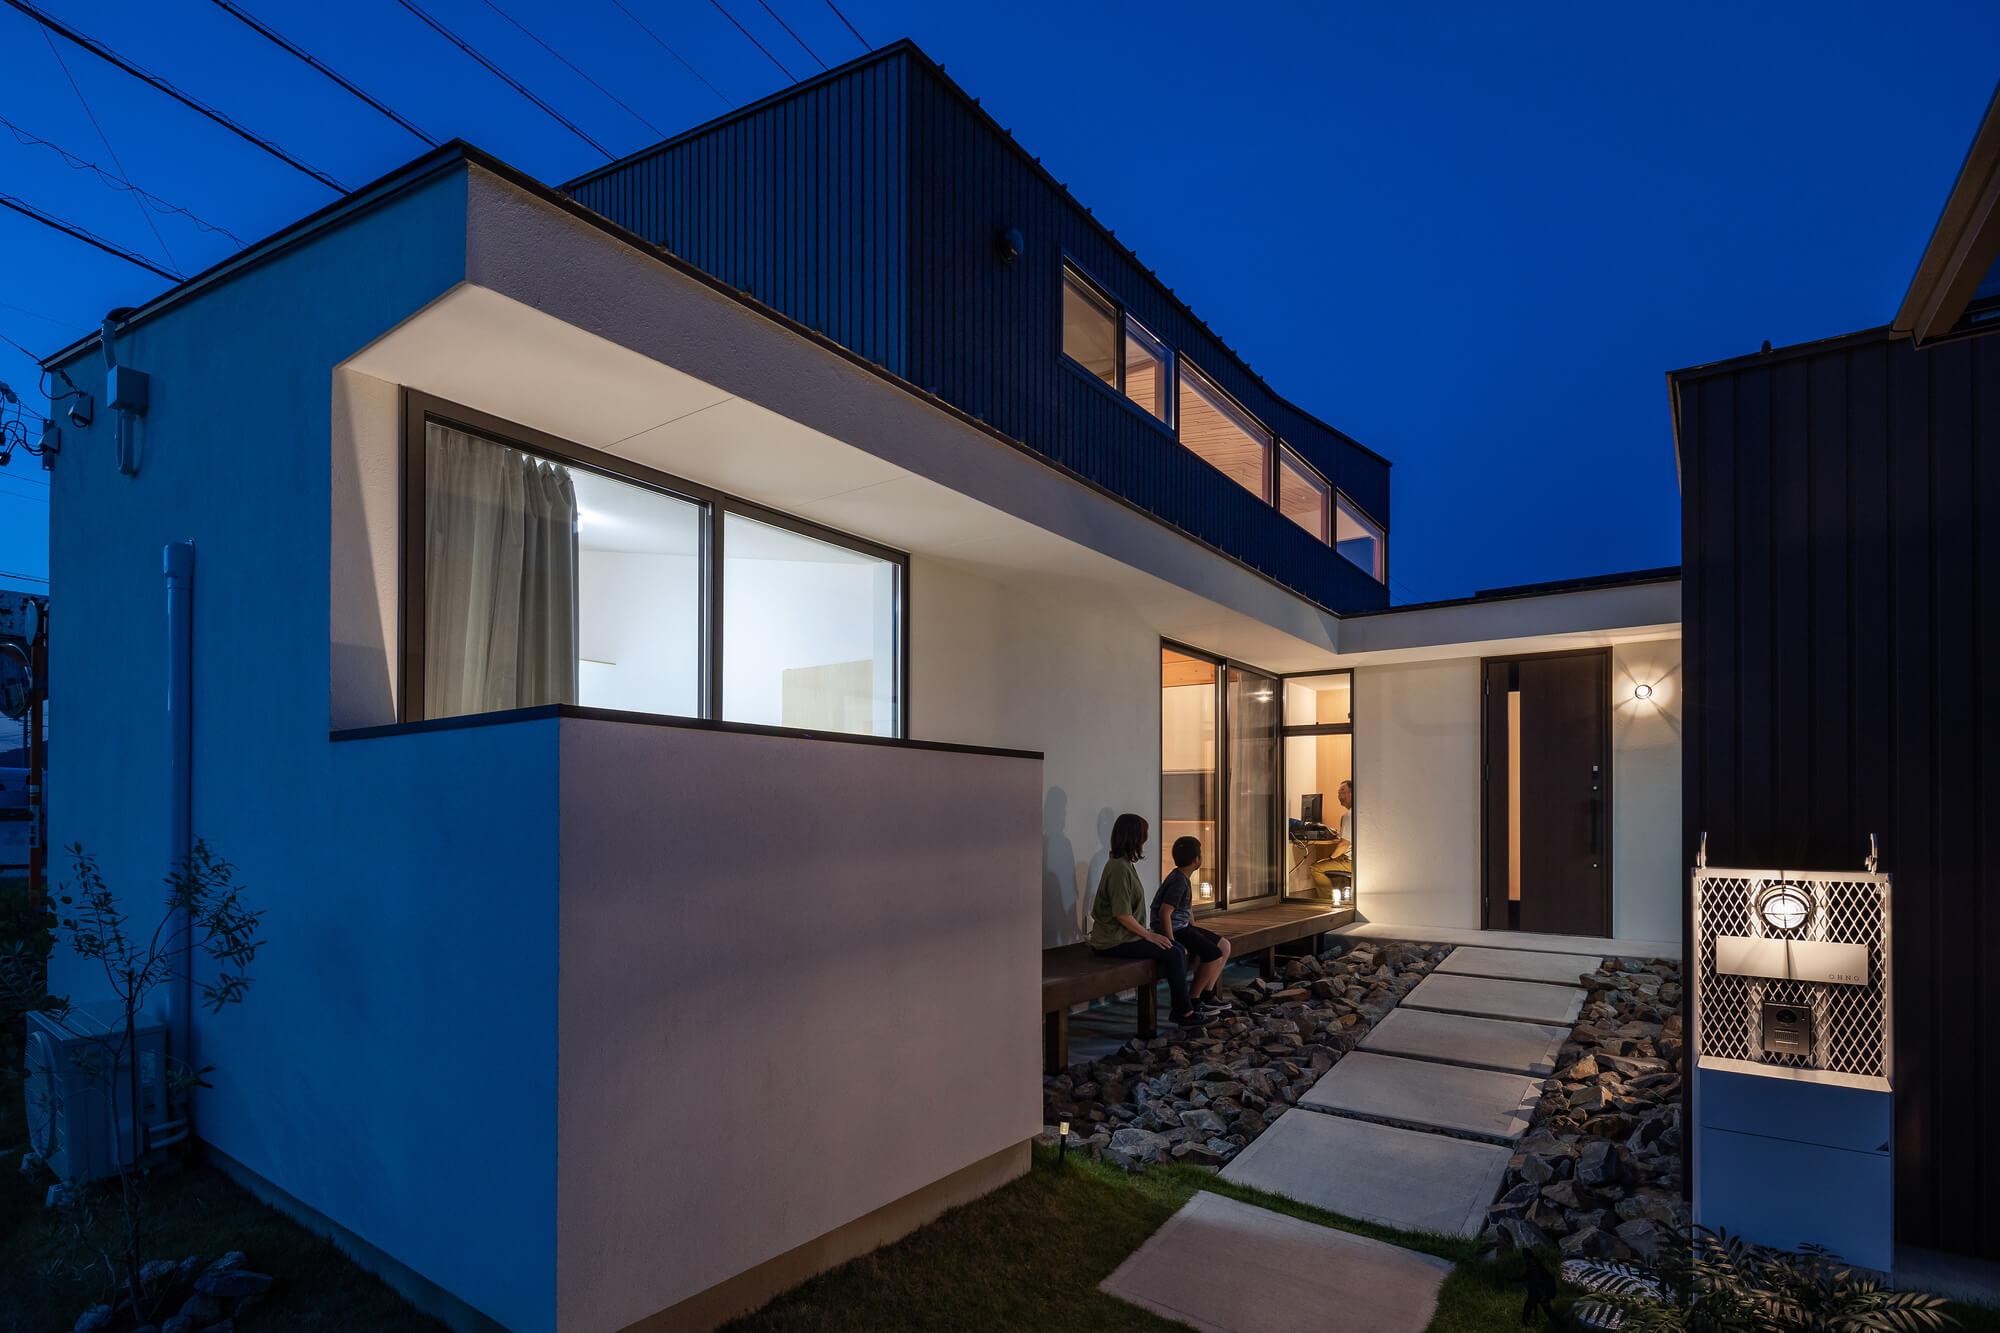 軒と縁側がつなぐ家15|犬山市の施工事例|建築家×工務店の注文住宅